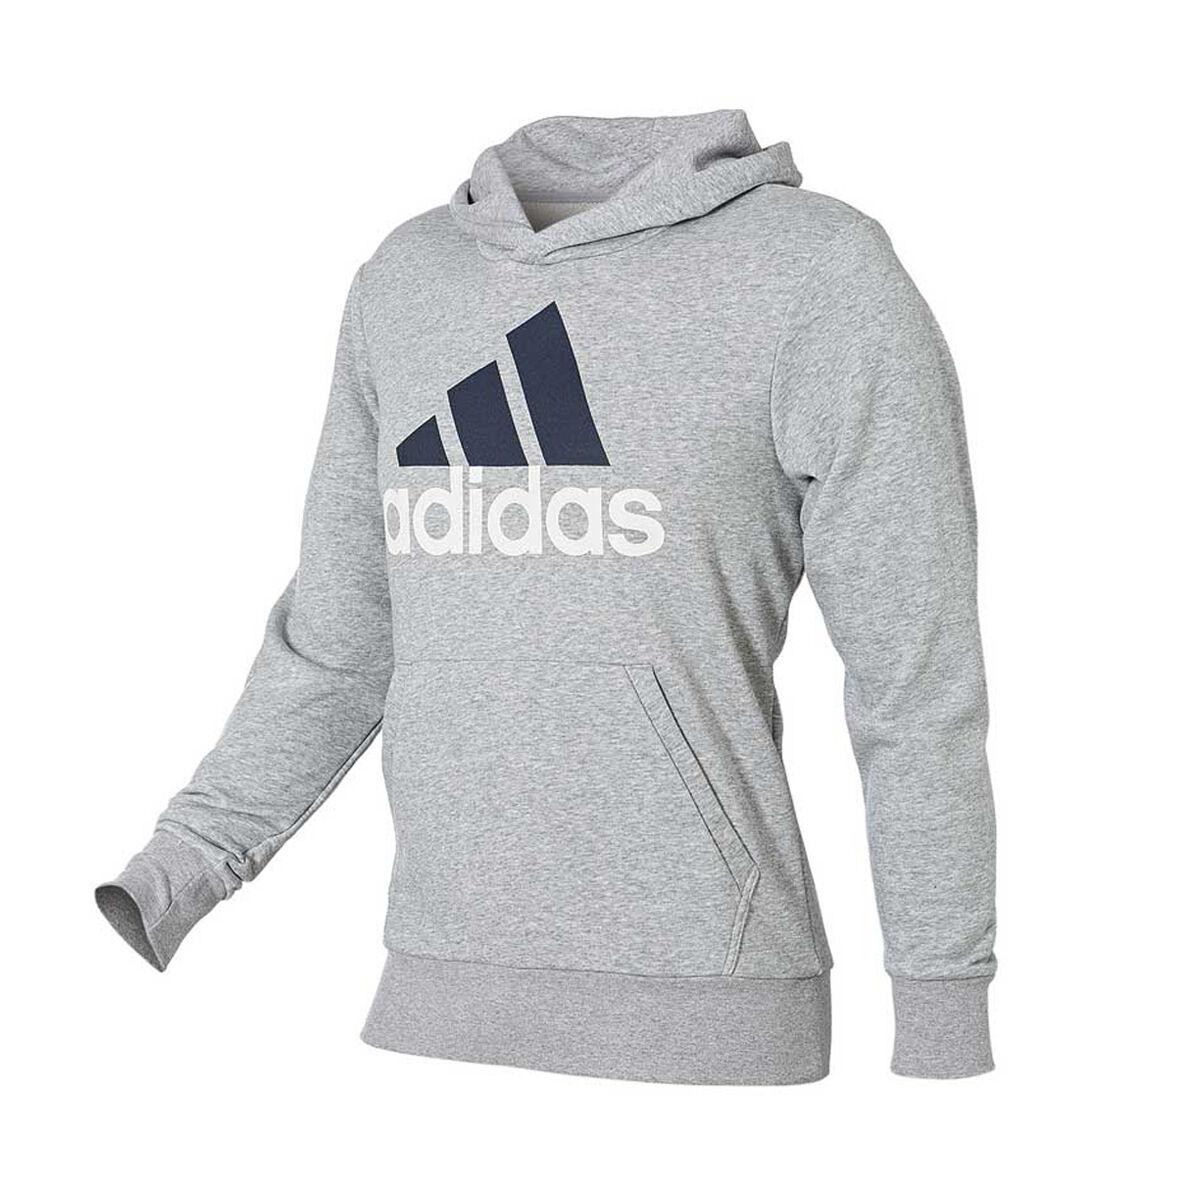 Adidas Uomo Essenziale Pullover Sport Cappuccio Grigio Xl Rebel Sport Pullover Lineare ea7ae5